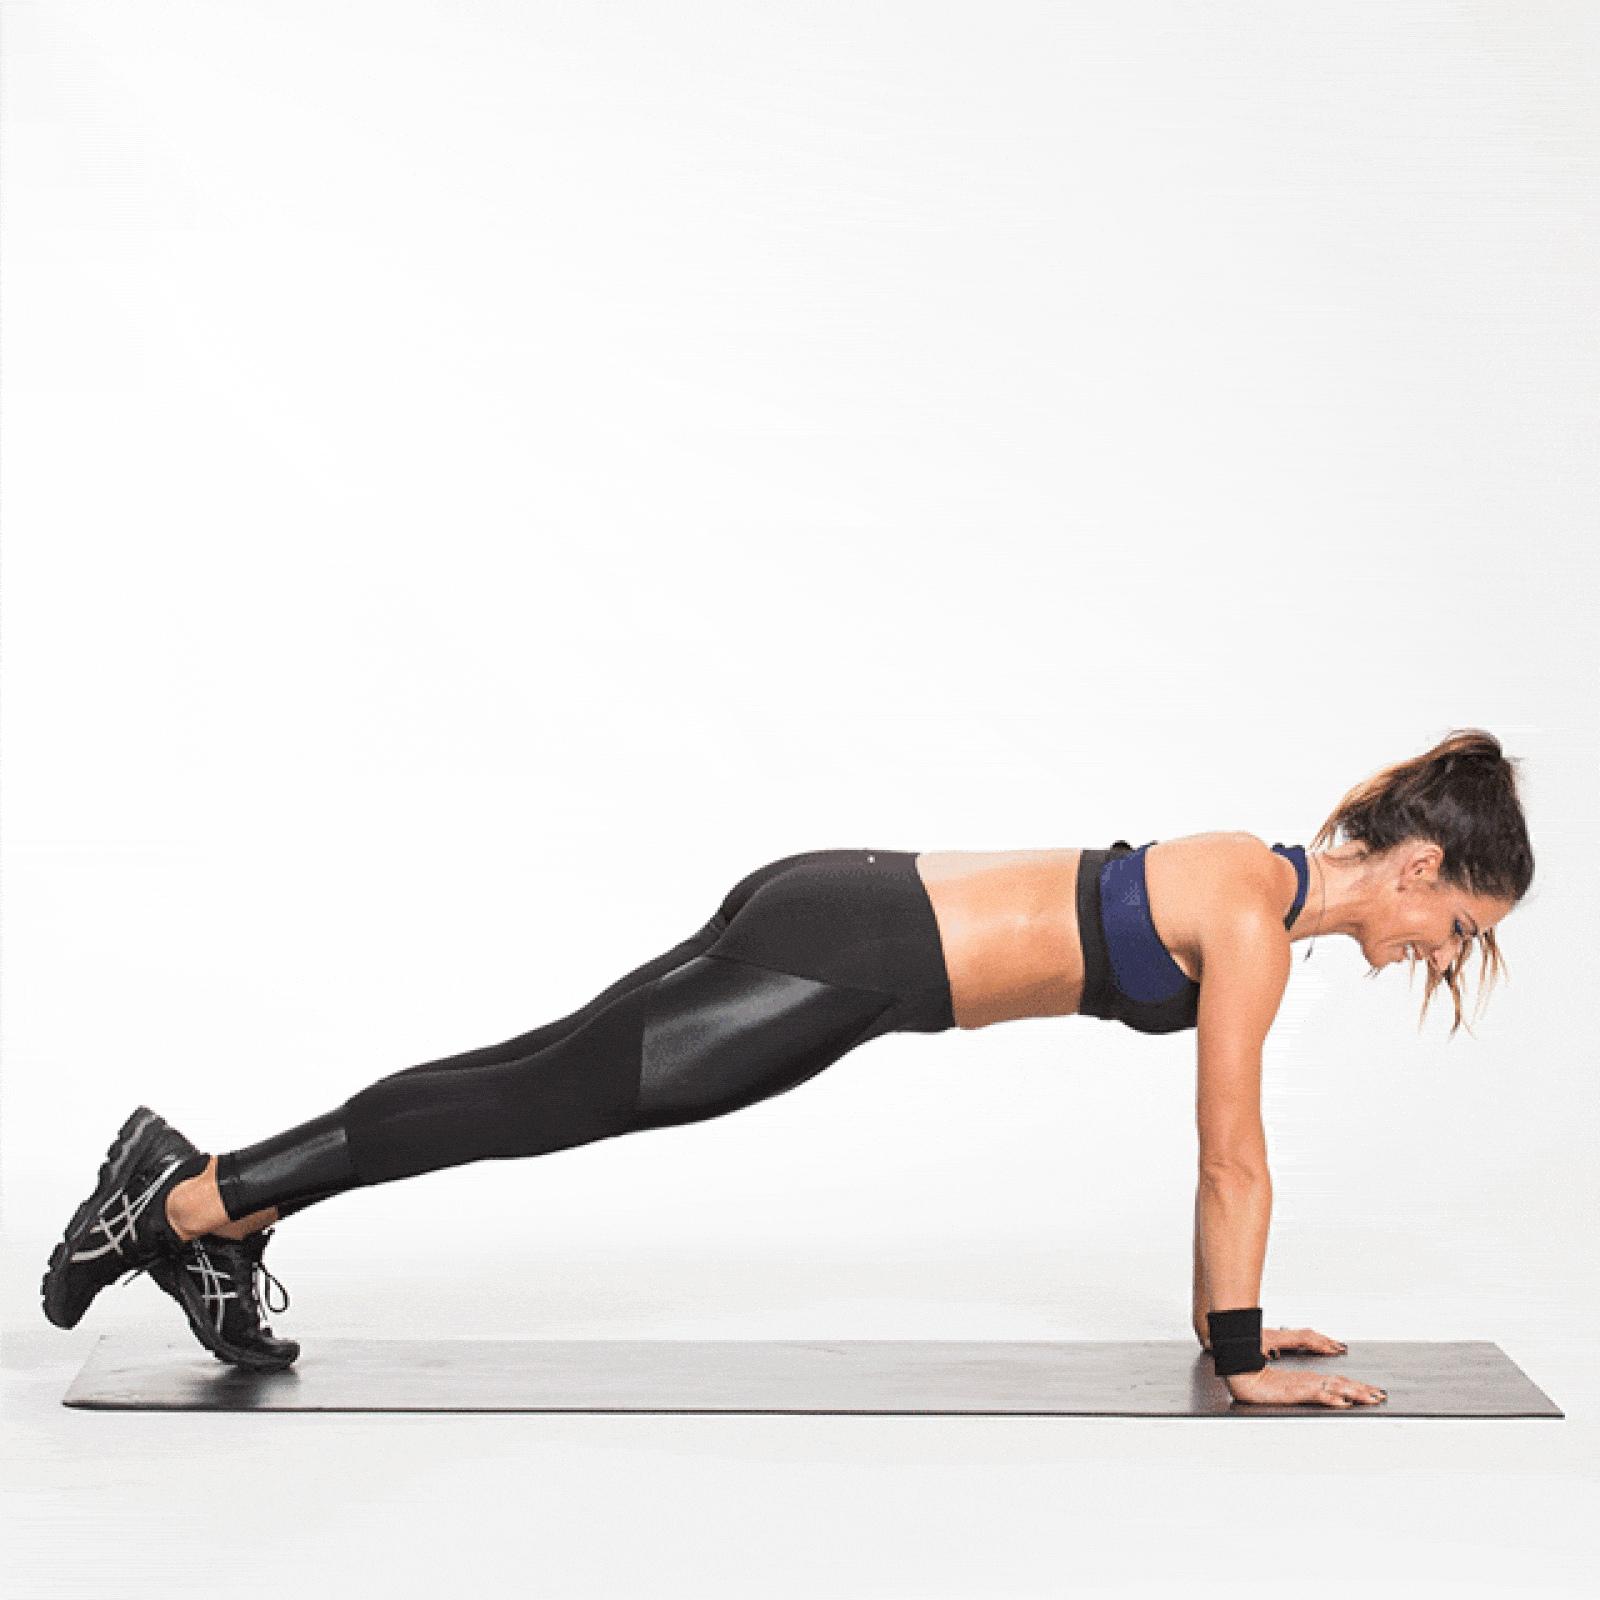 Упражнения С Фото Для Попы Похудеть. Как похудеть и накачать попу: эффективные упражнения